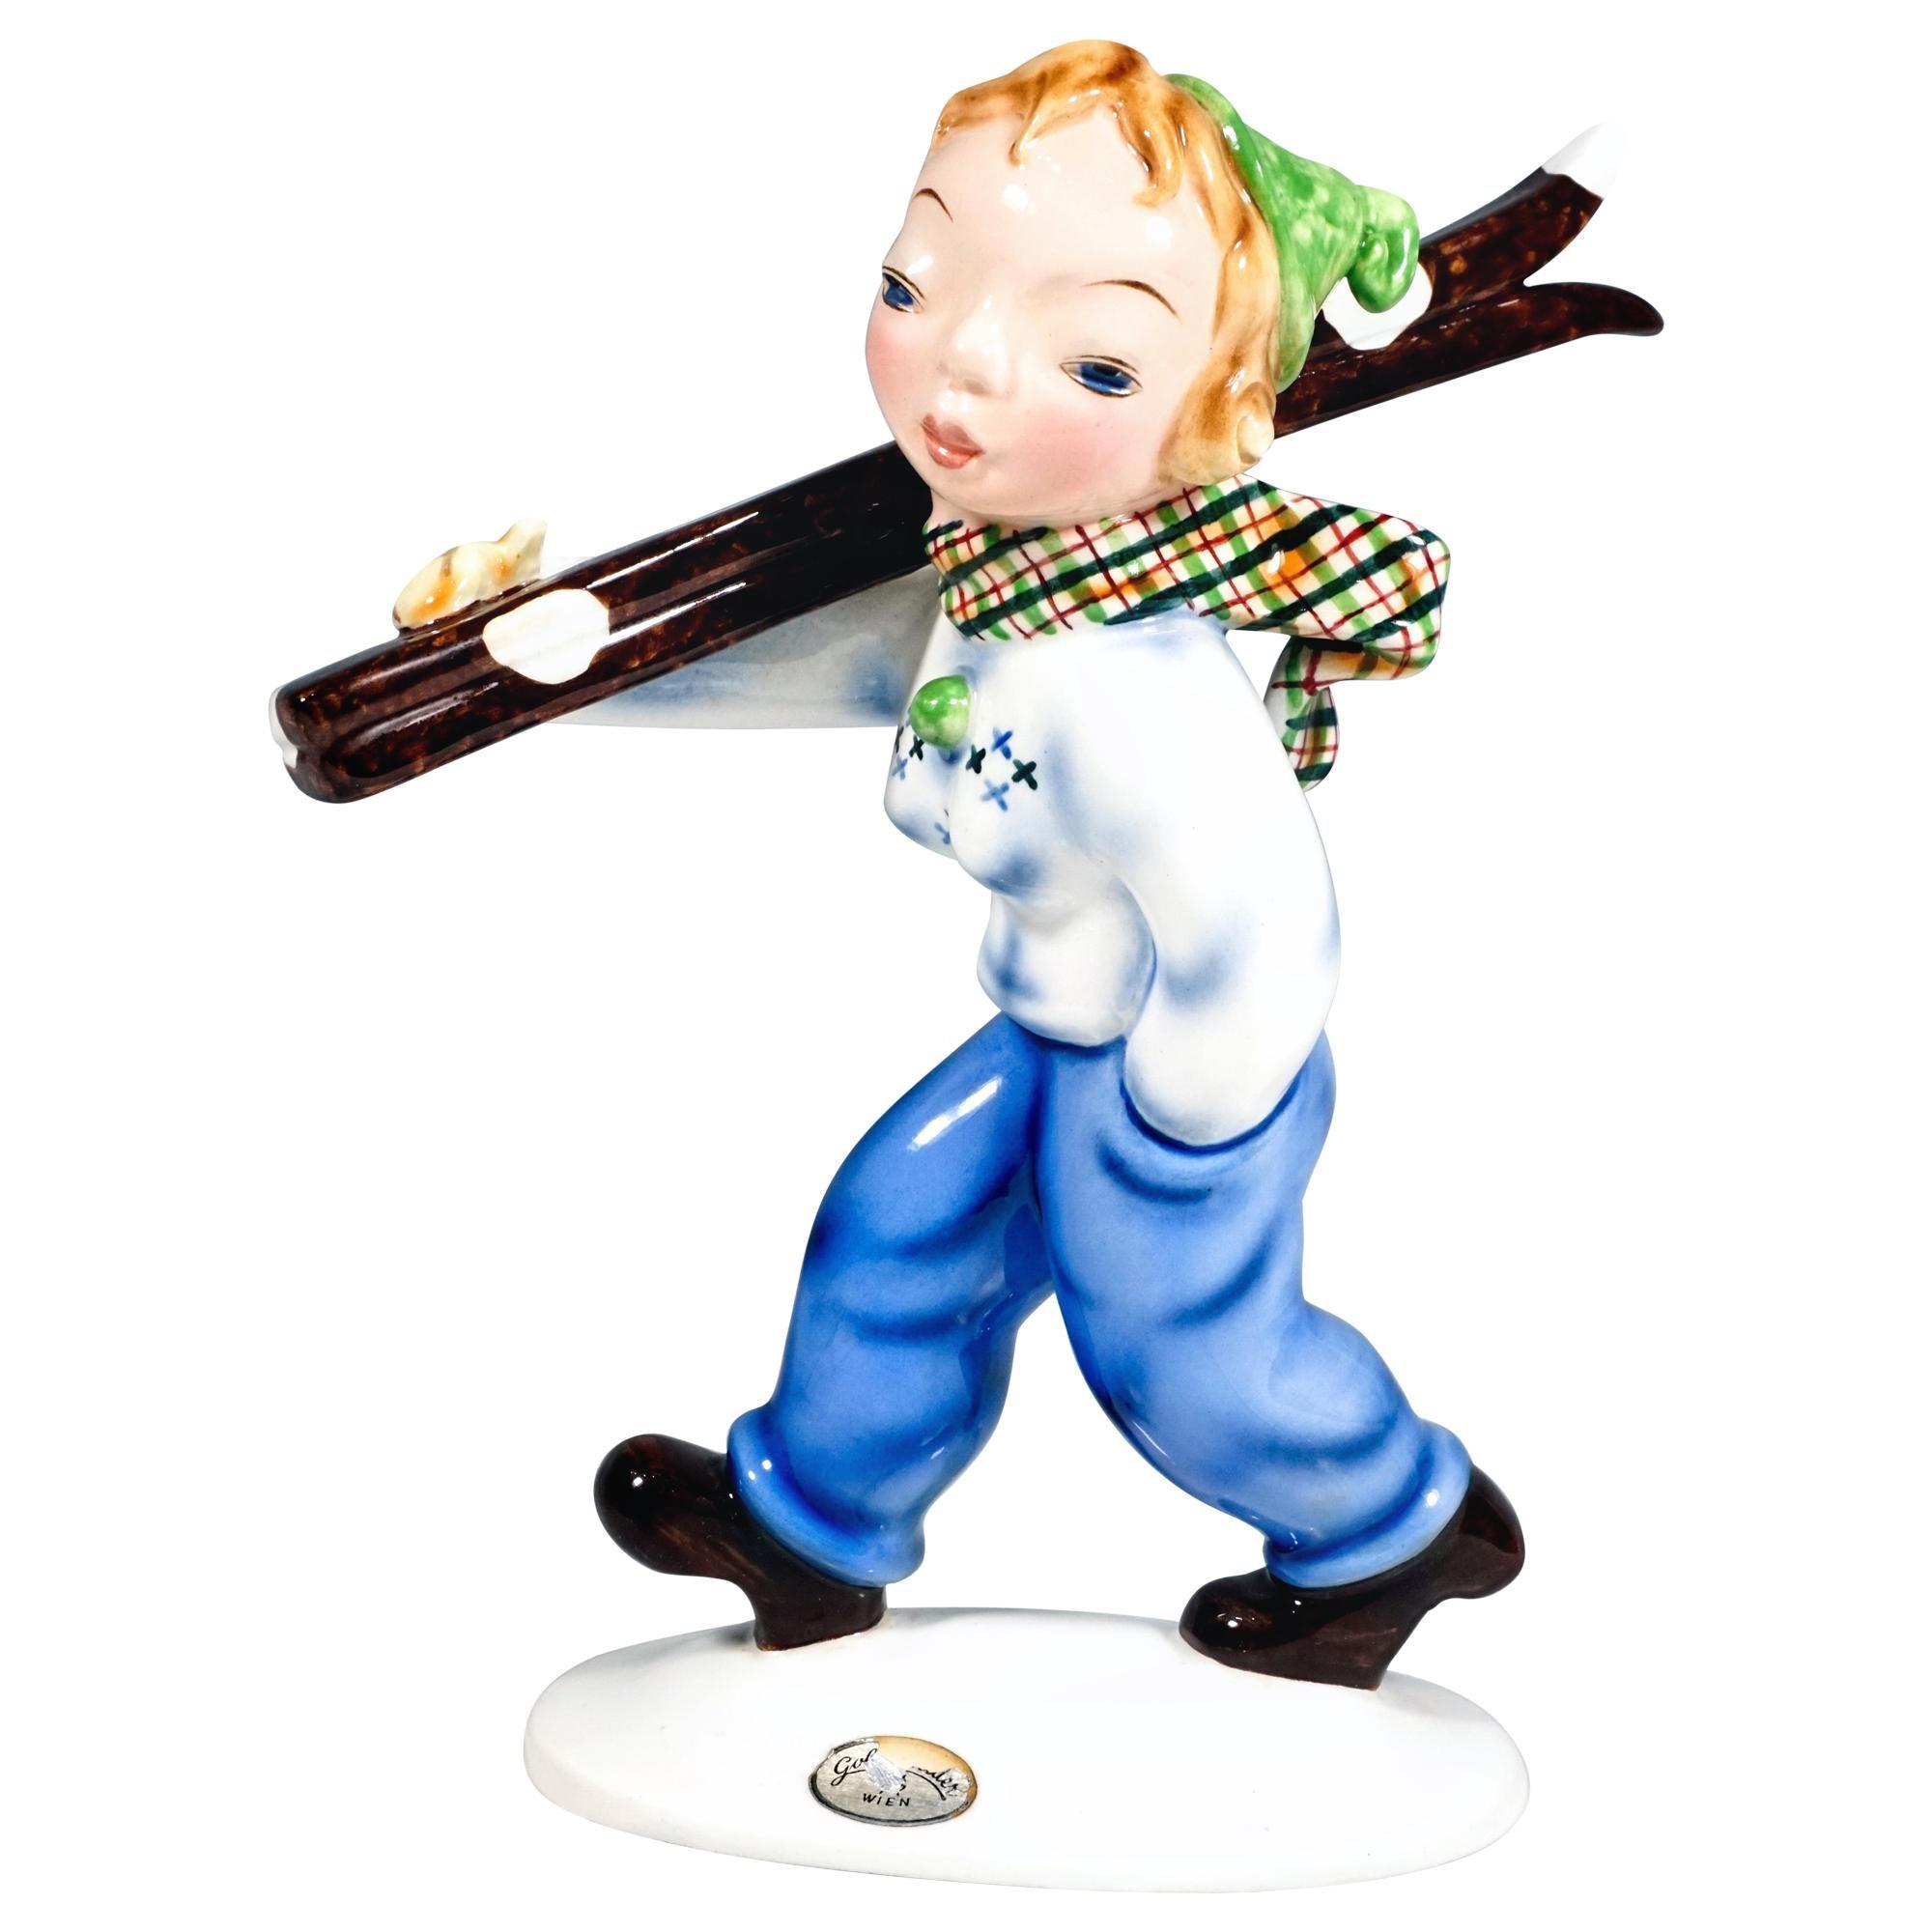 Goldscheider Art Deco Figurine 'Skier' by Kurt Goebel, Vienna, circa 1936